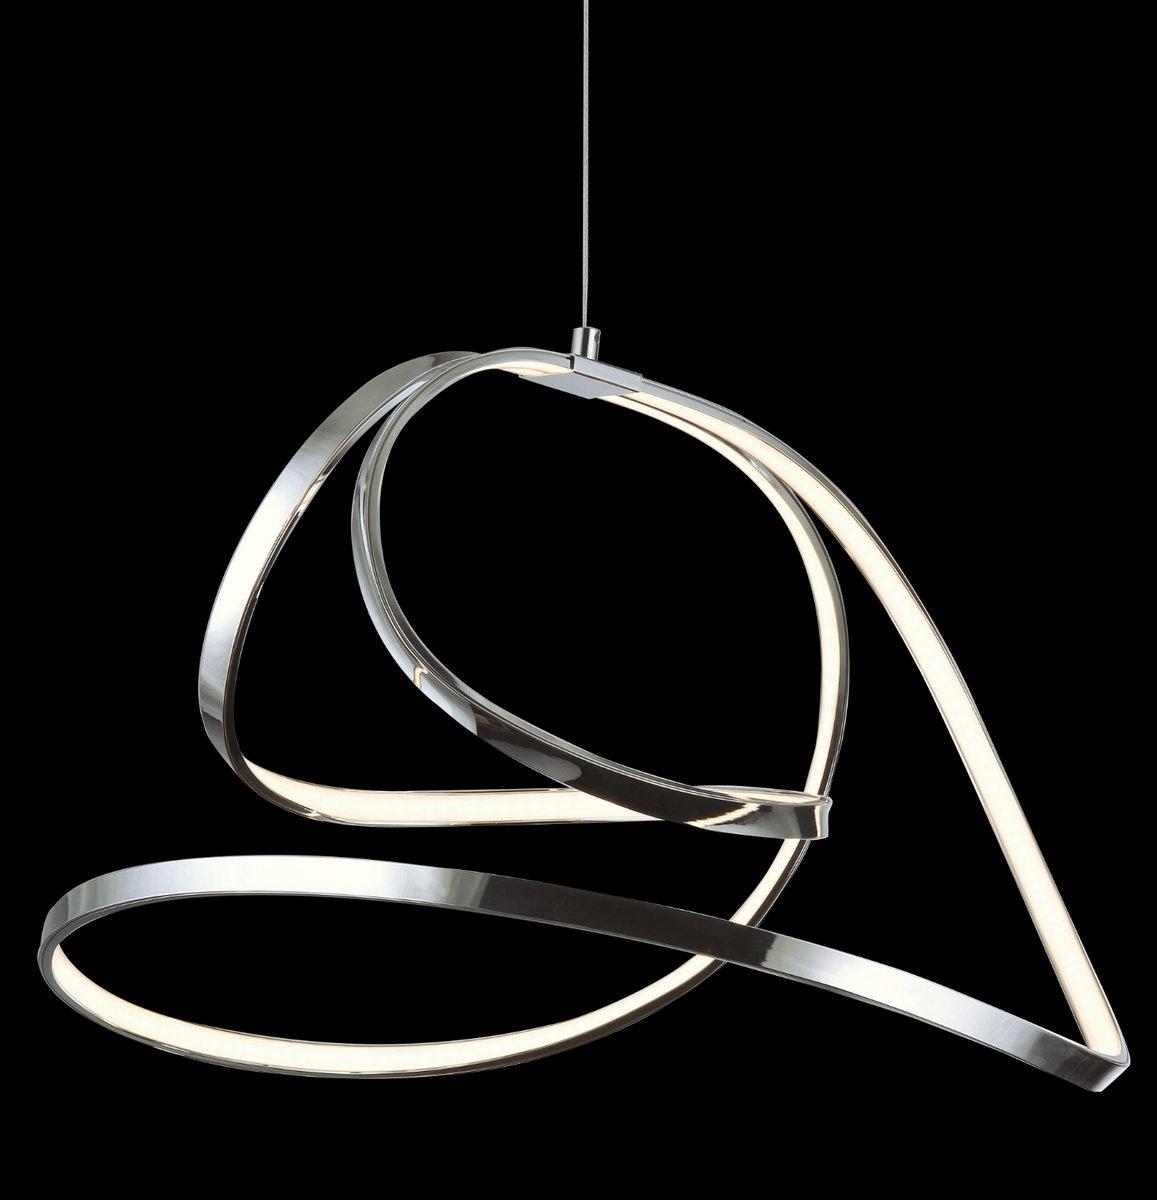 Shine 5 Deckenlampe von Mimax Lighting S.L.